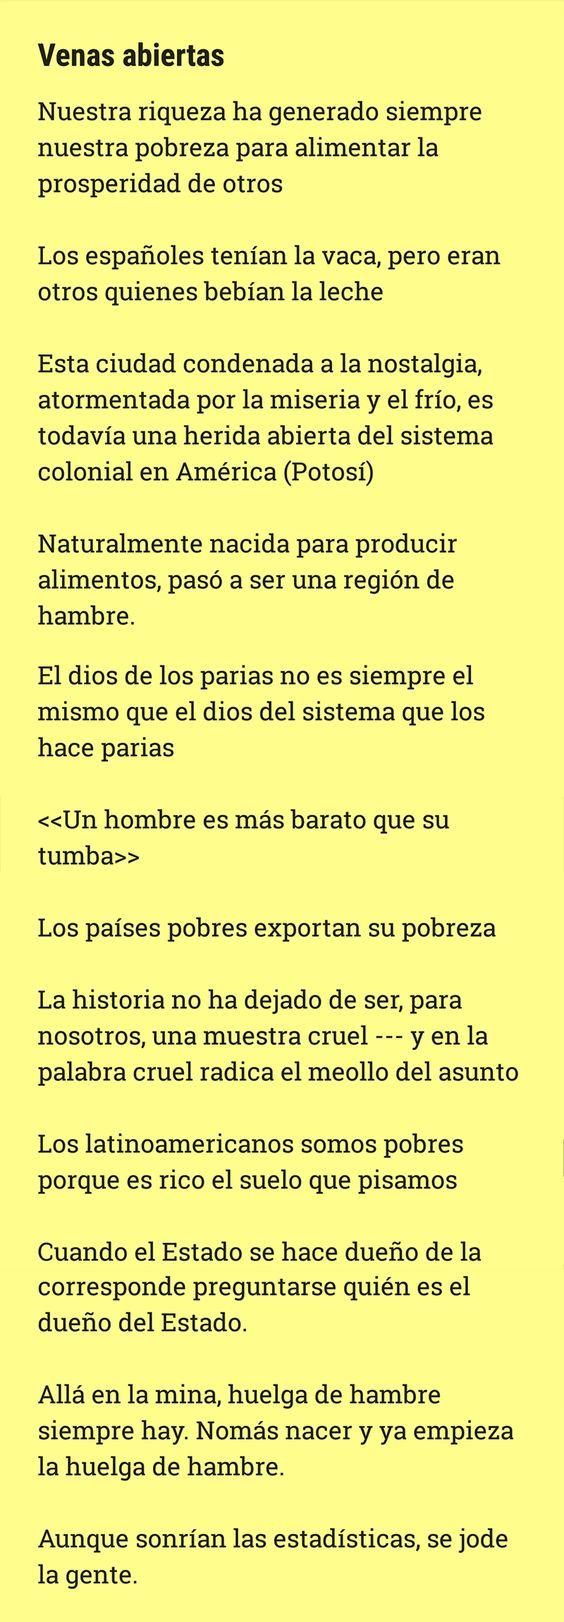 Estas son algunas frases de Las Venas Abiertas de América Latina - Eduardo Galeano. Me leí este libro en el 2014.